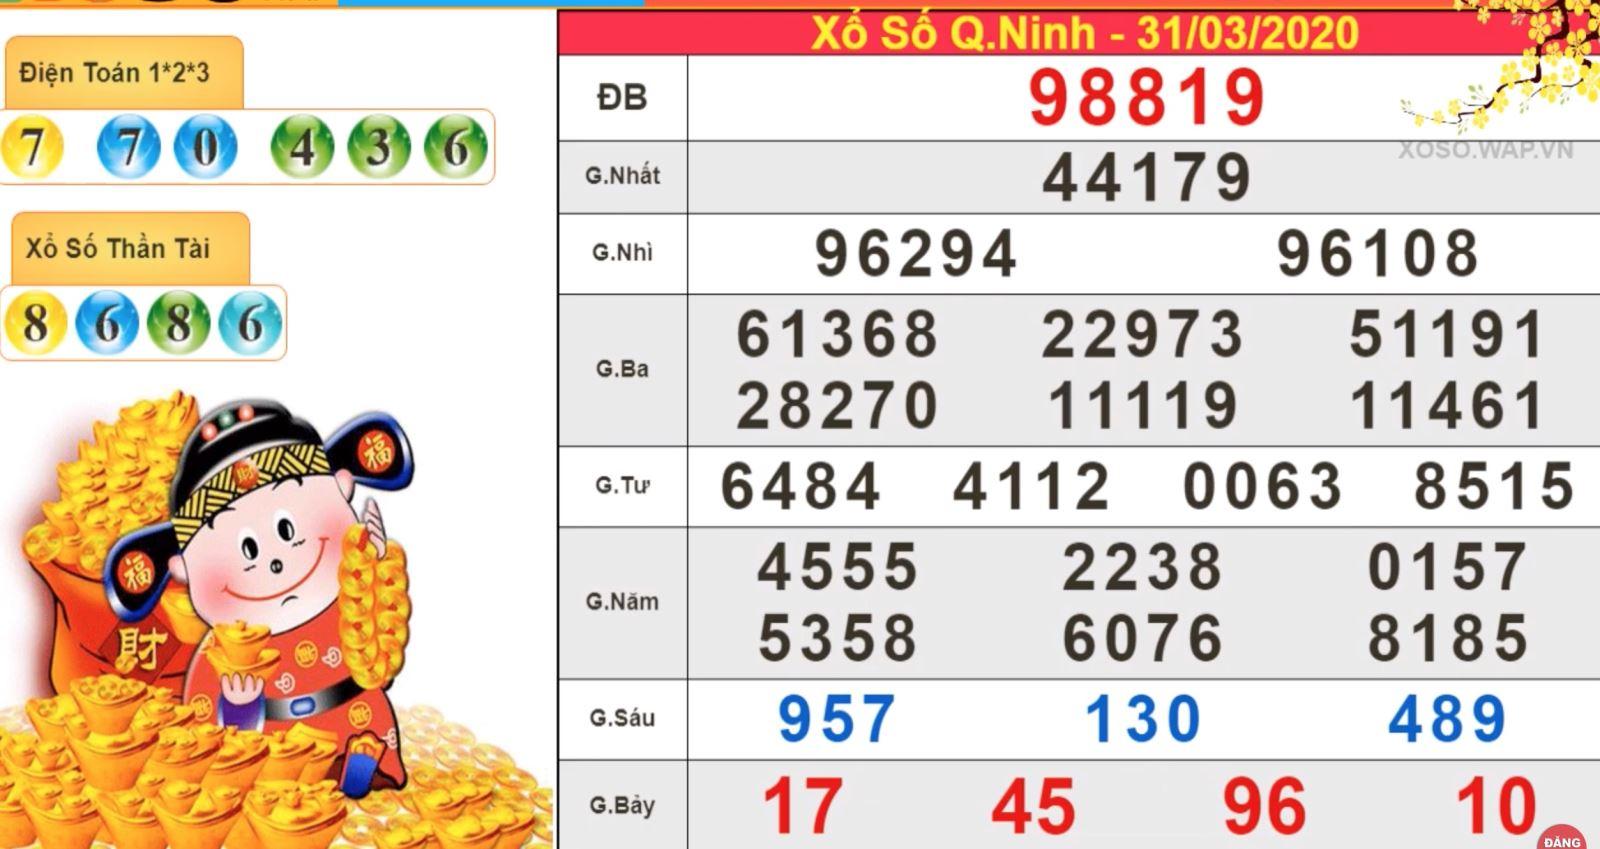 xổ số miền Bắc ngày 31 tháng 3, xổ số hôm nay, xs hôm nay, kết quả xổ số hôm nay, XSMB, SXMB, KQXS, xổ số miền Bắc, XSMB XSMN kết quả xổ số hôm nay miền Bắc, XSMB thứ 3